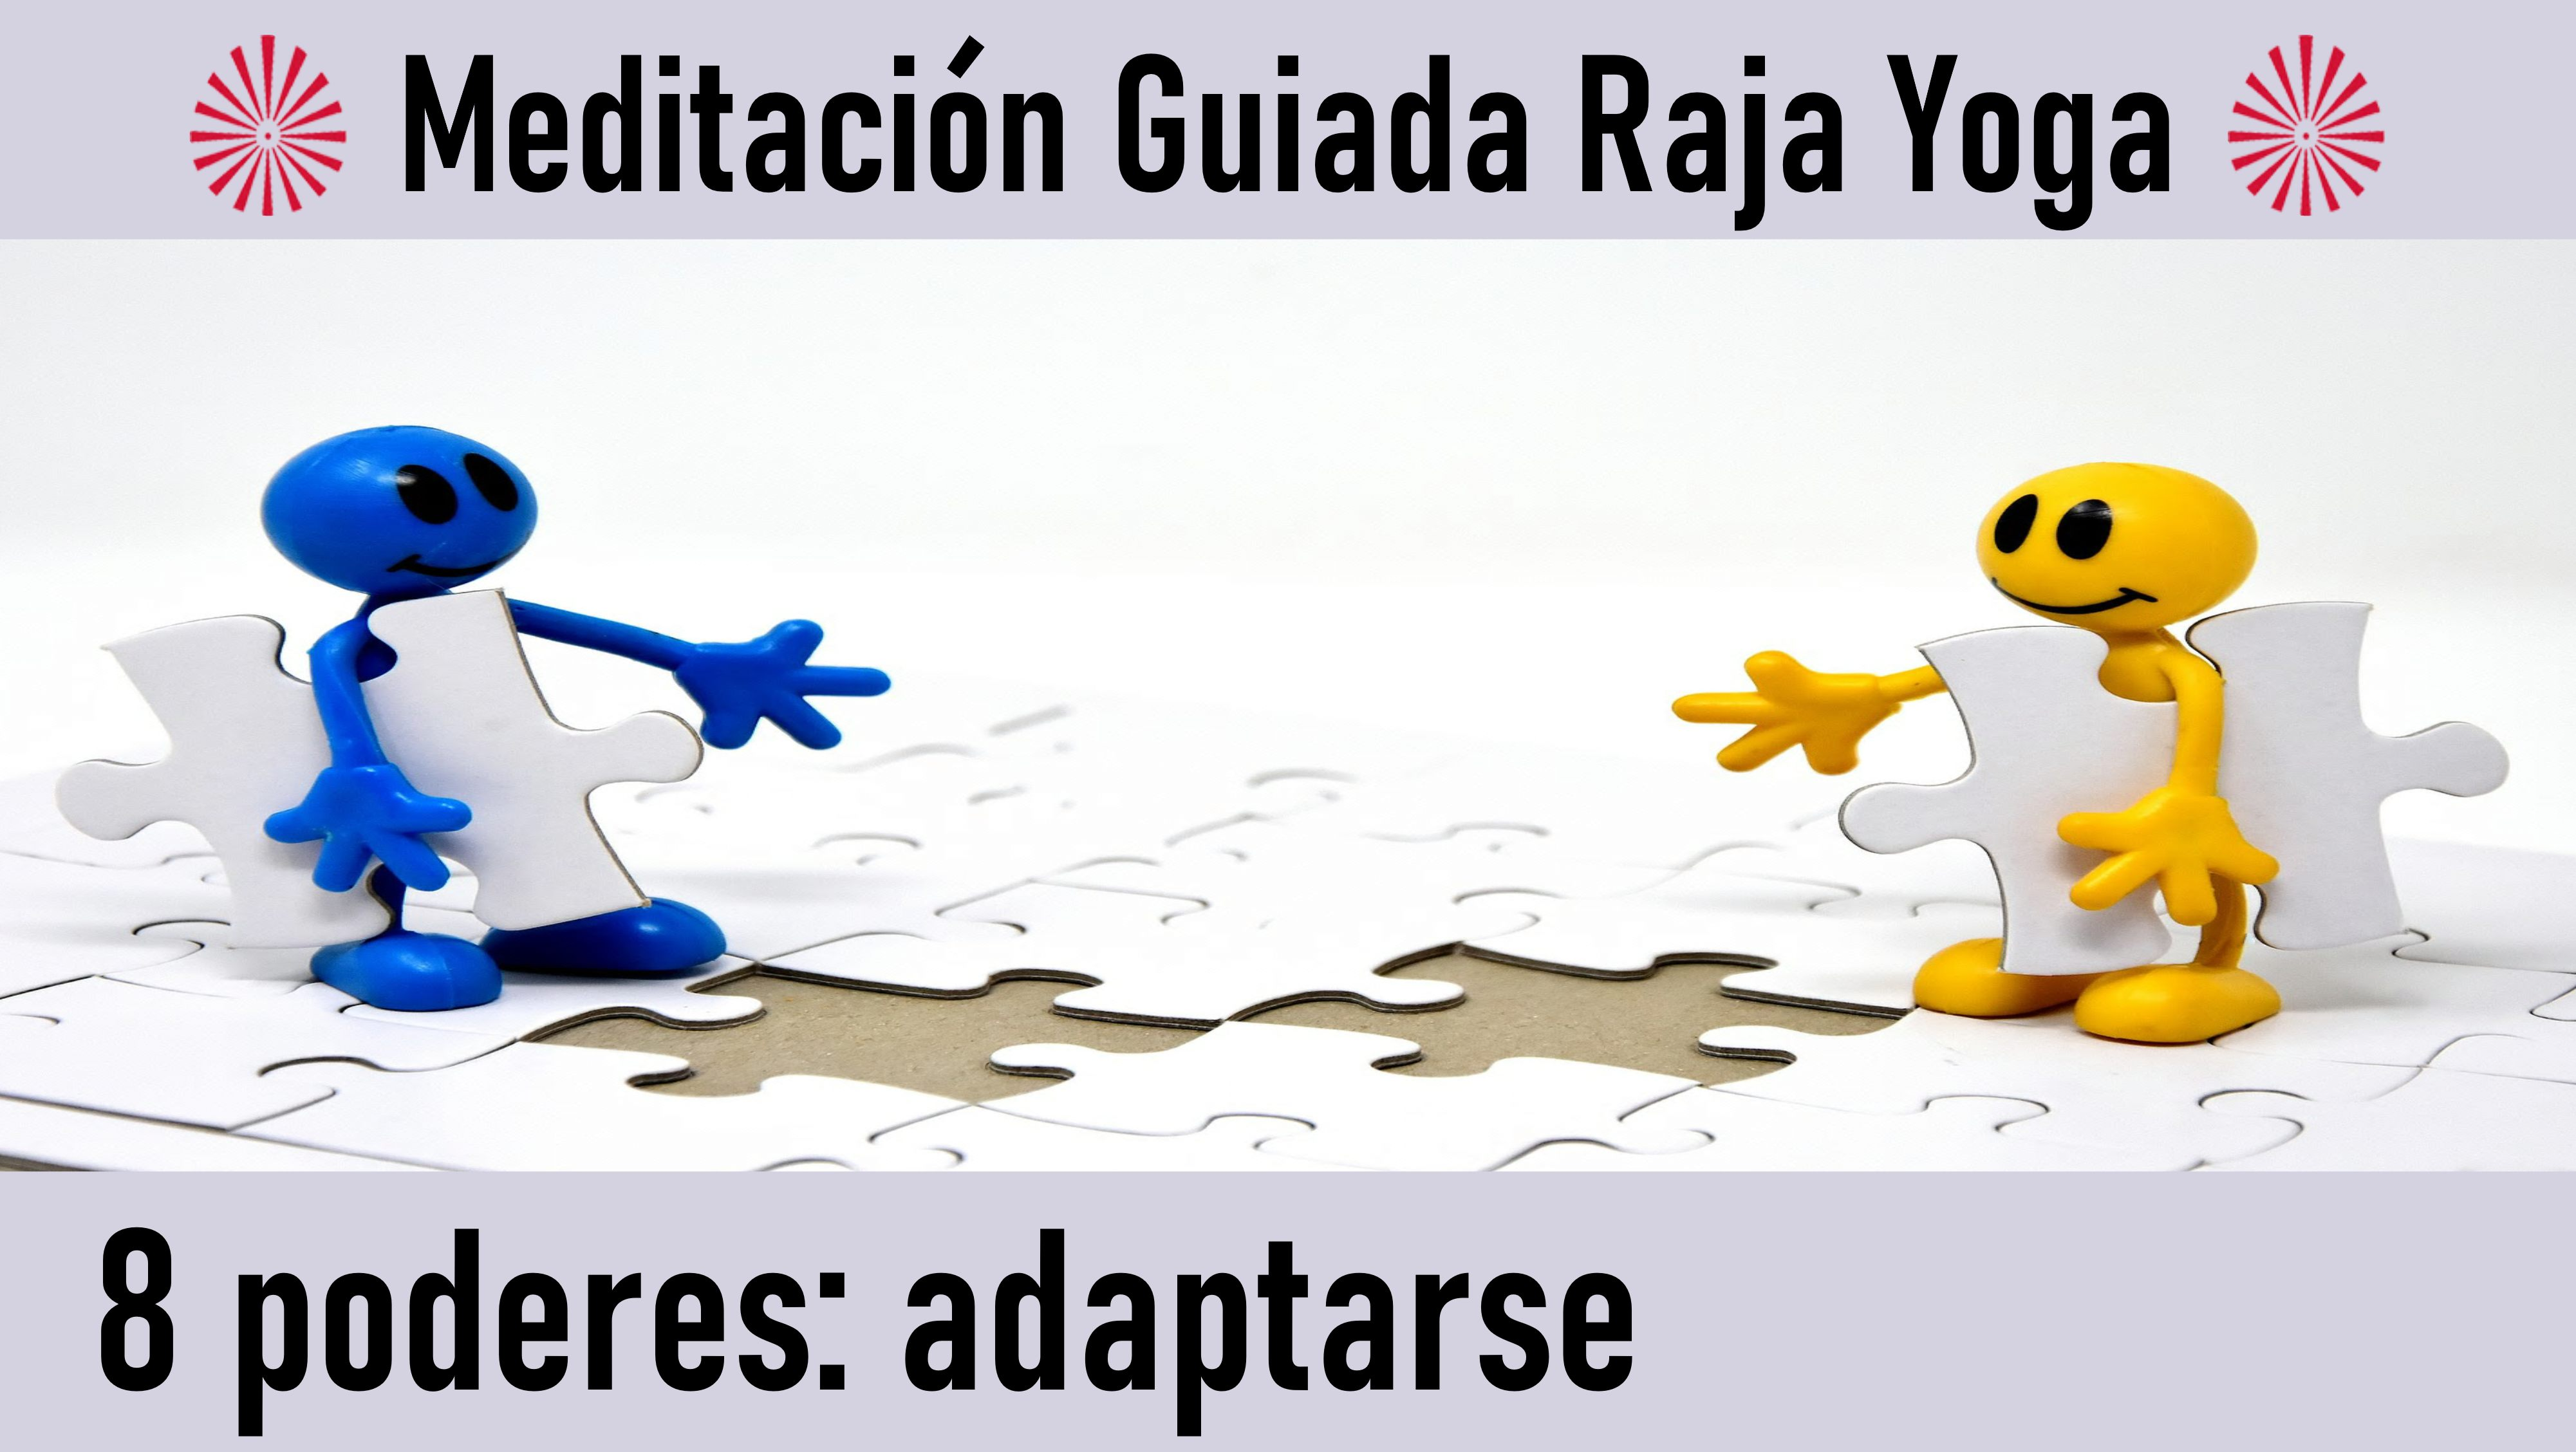 Meditación Raja Yoga: El poder de adaptarse (30 Junio 2020) On-line desde Canarias